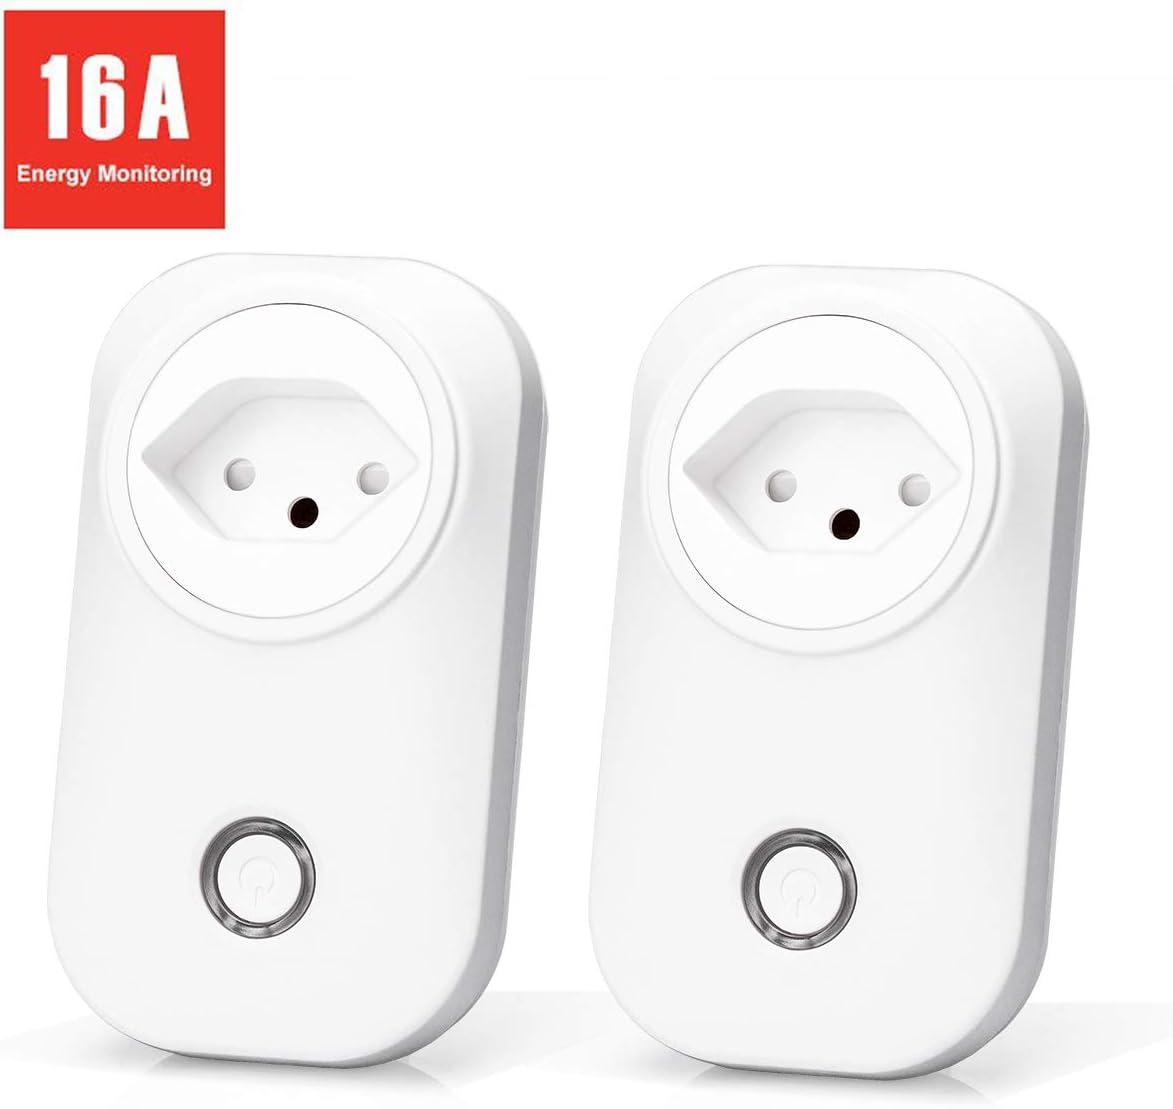 2 Pi/èces Prises Suisses avec Suivi de Consommation /Énergie CH Contr/ôle /à Distance et Commande Vocale Meross Prise Intelligente Compatible avec Alexa Prise Connect/ée WiFi Google Home